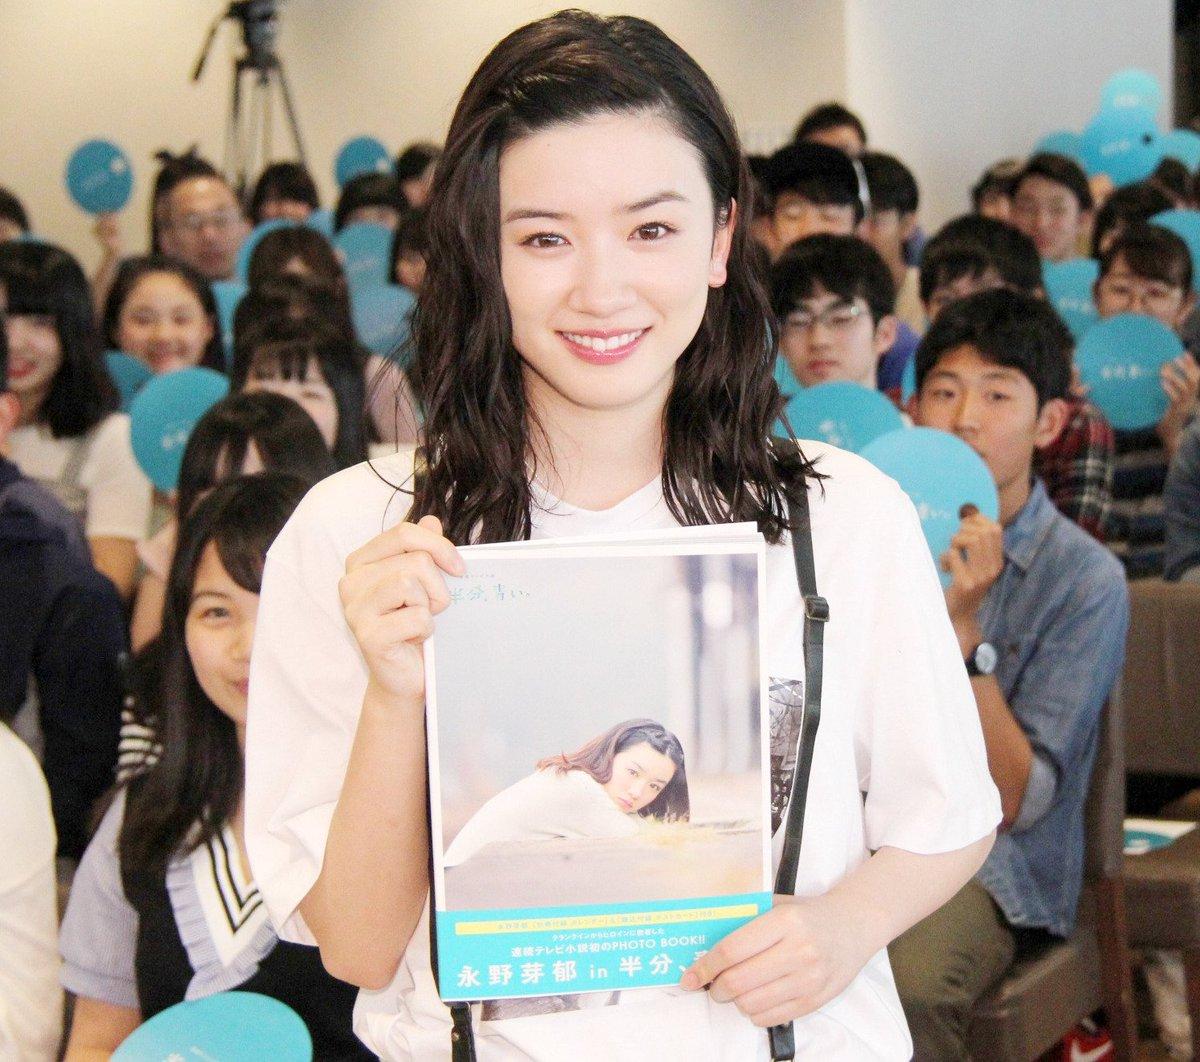 永野芽郁 子役時代に佐藤健と競演していた?ドラマは何にでてたの?